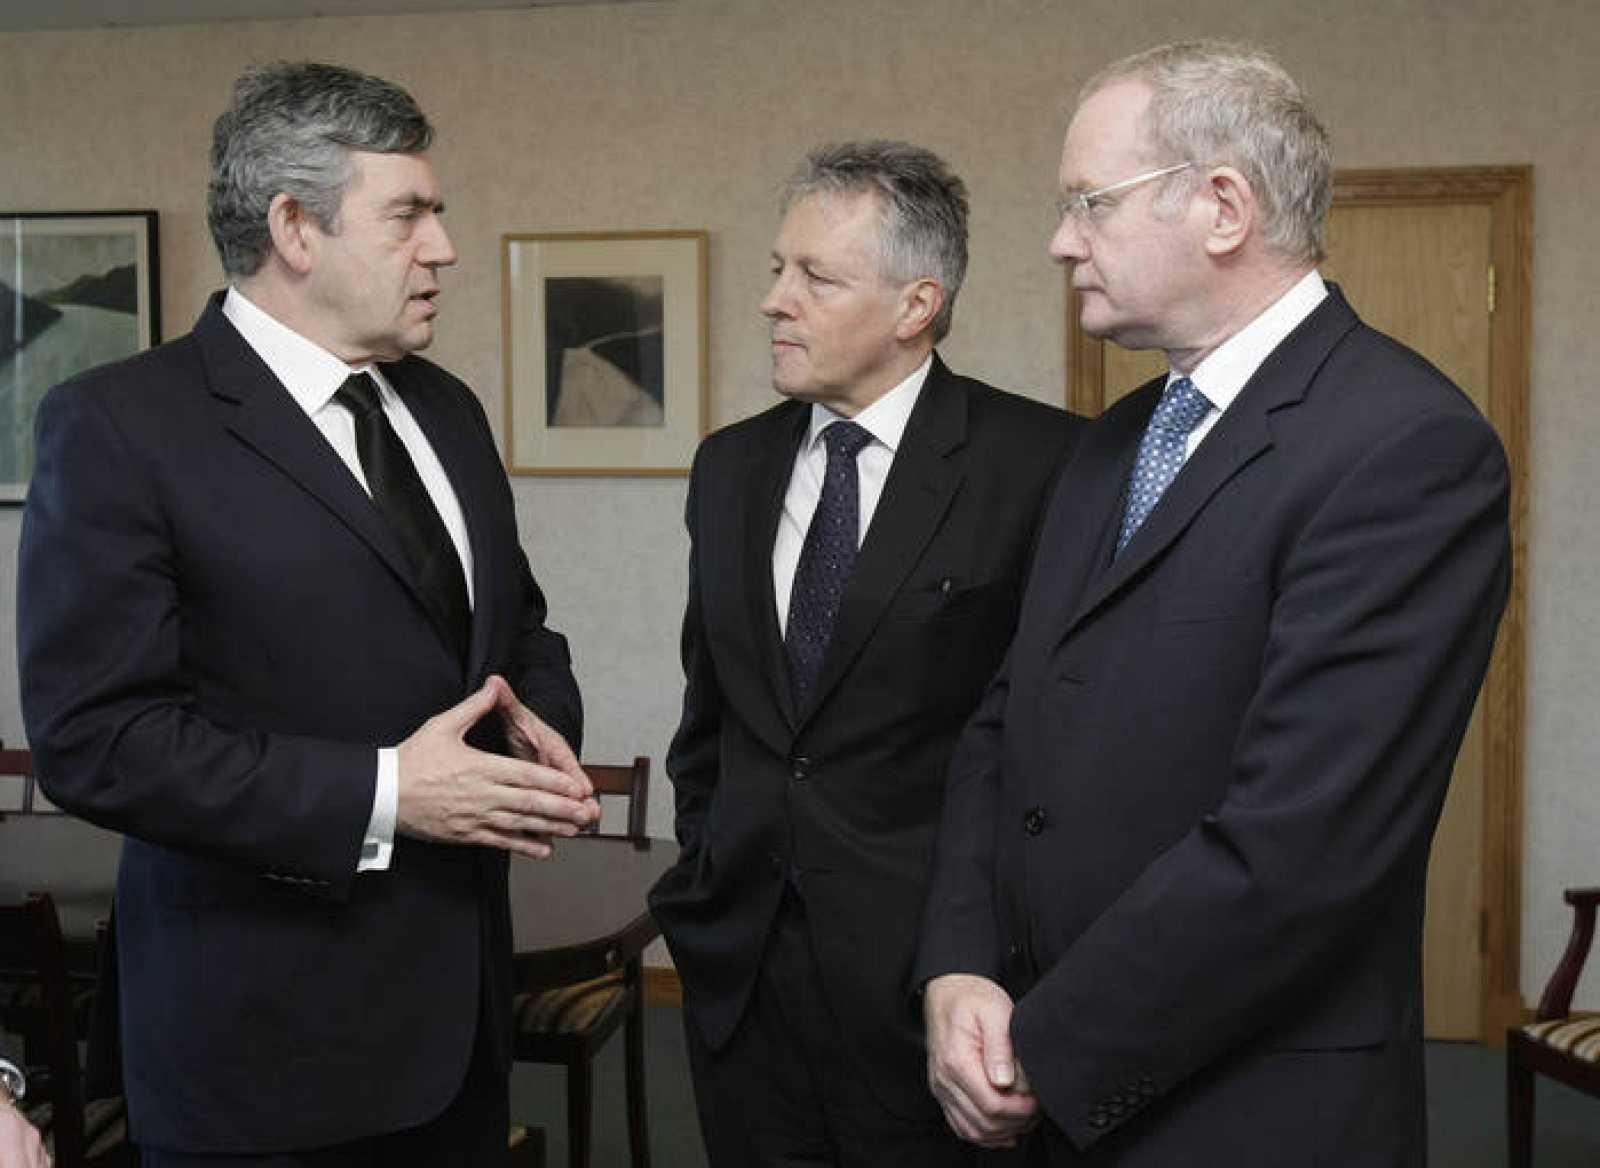 El primer ministro británico, Gordon Brown, se ha reunido con el primer ministro del Norte de Irlanda, Robinson, y con su número dos, McGuinness en el Castillo de Stormont.